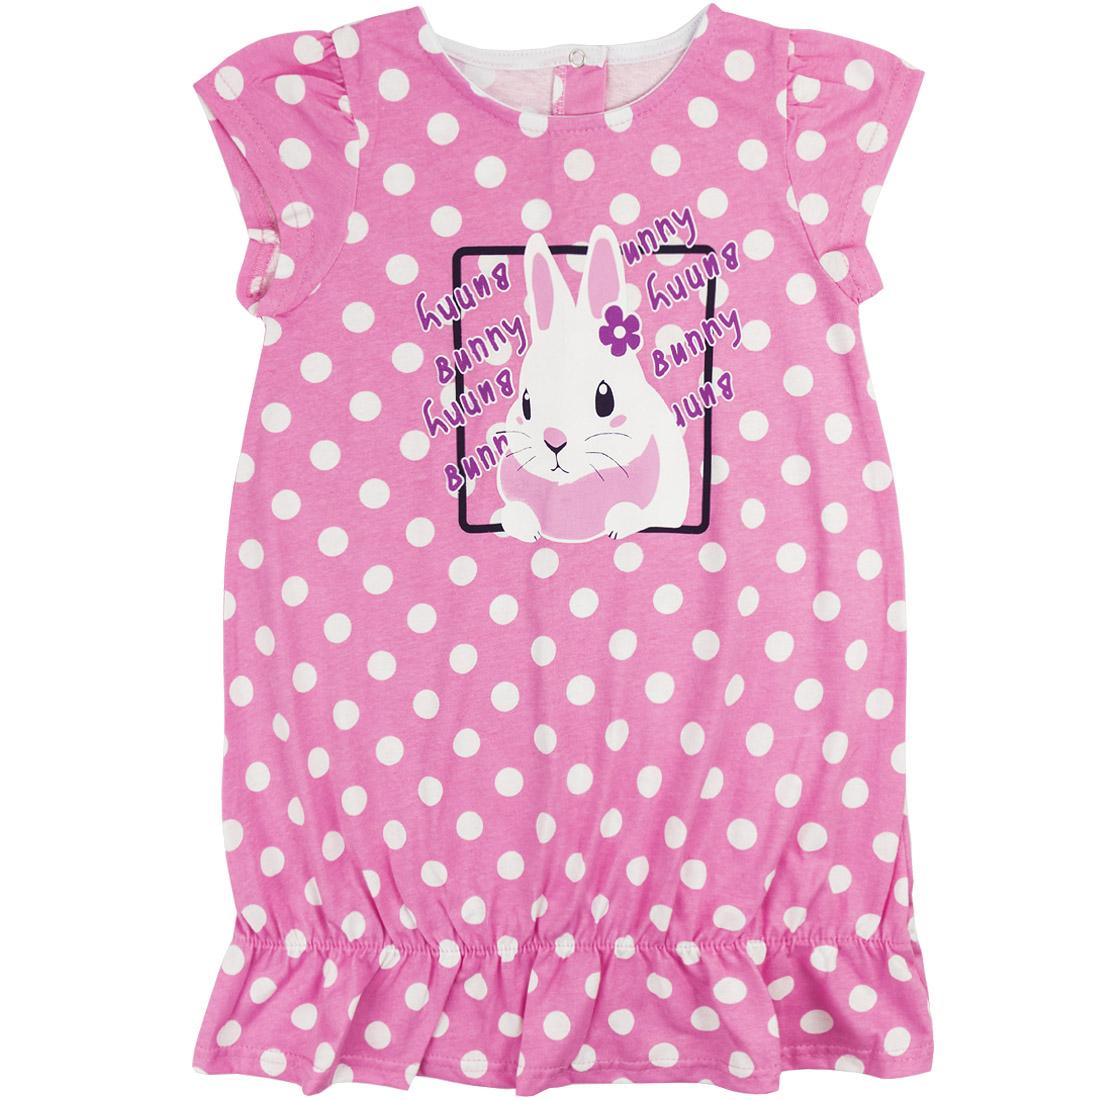 Купить 634к ап, Платье детское Юлла, цв. розовый р. 122, Платья для девочек